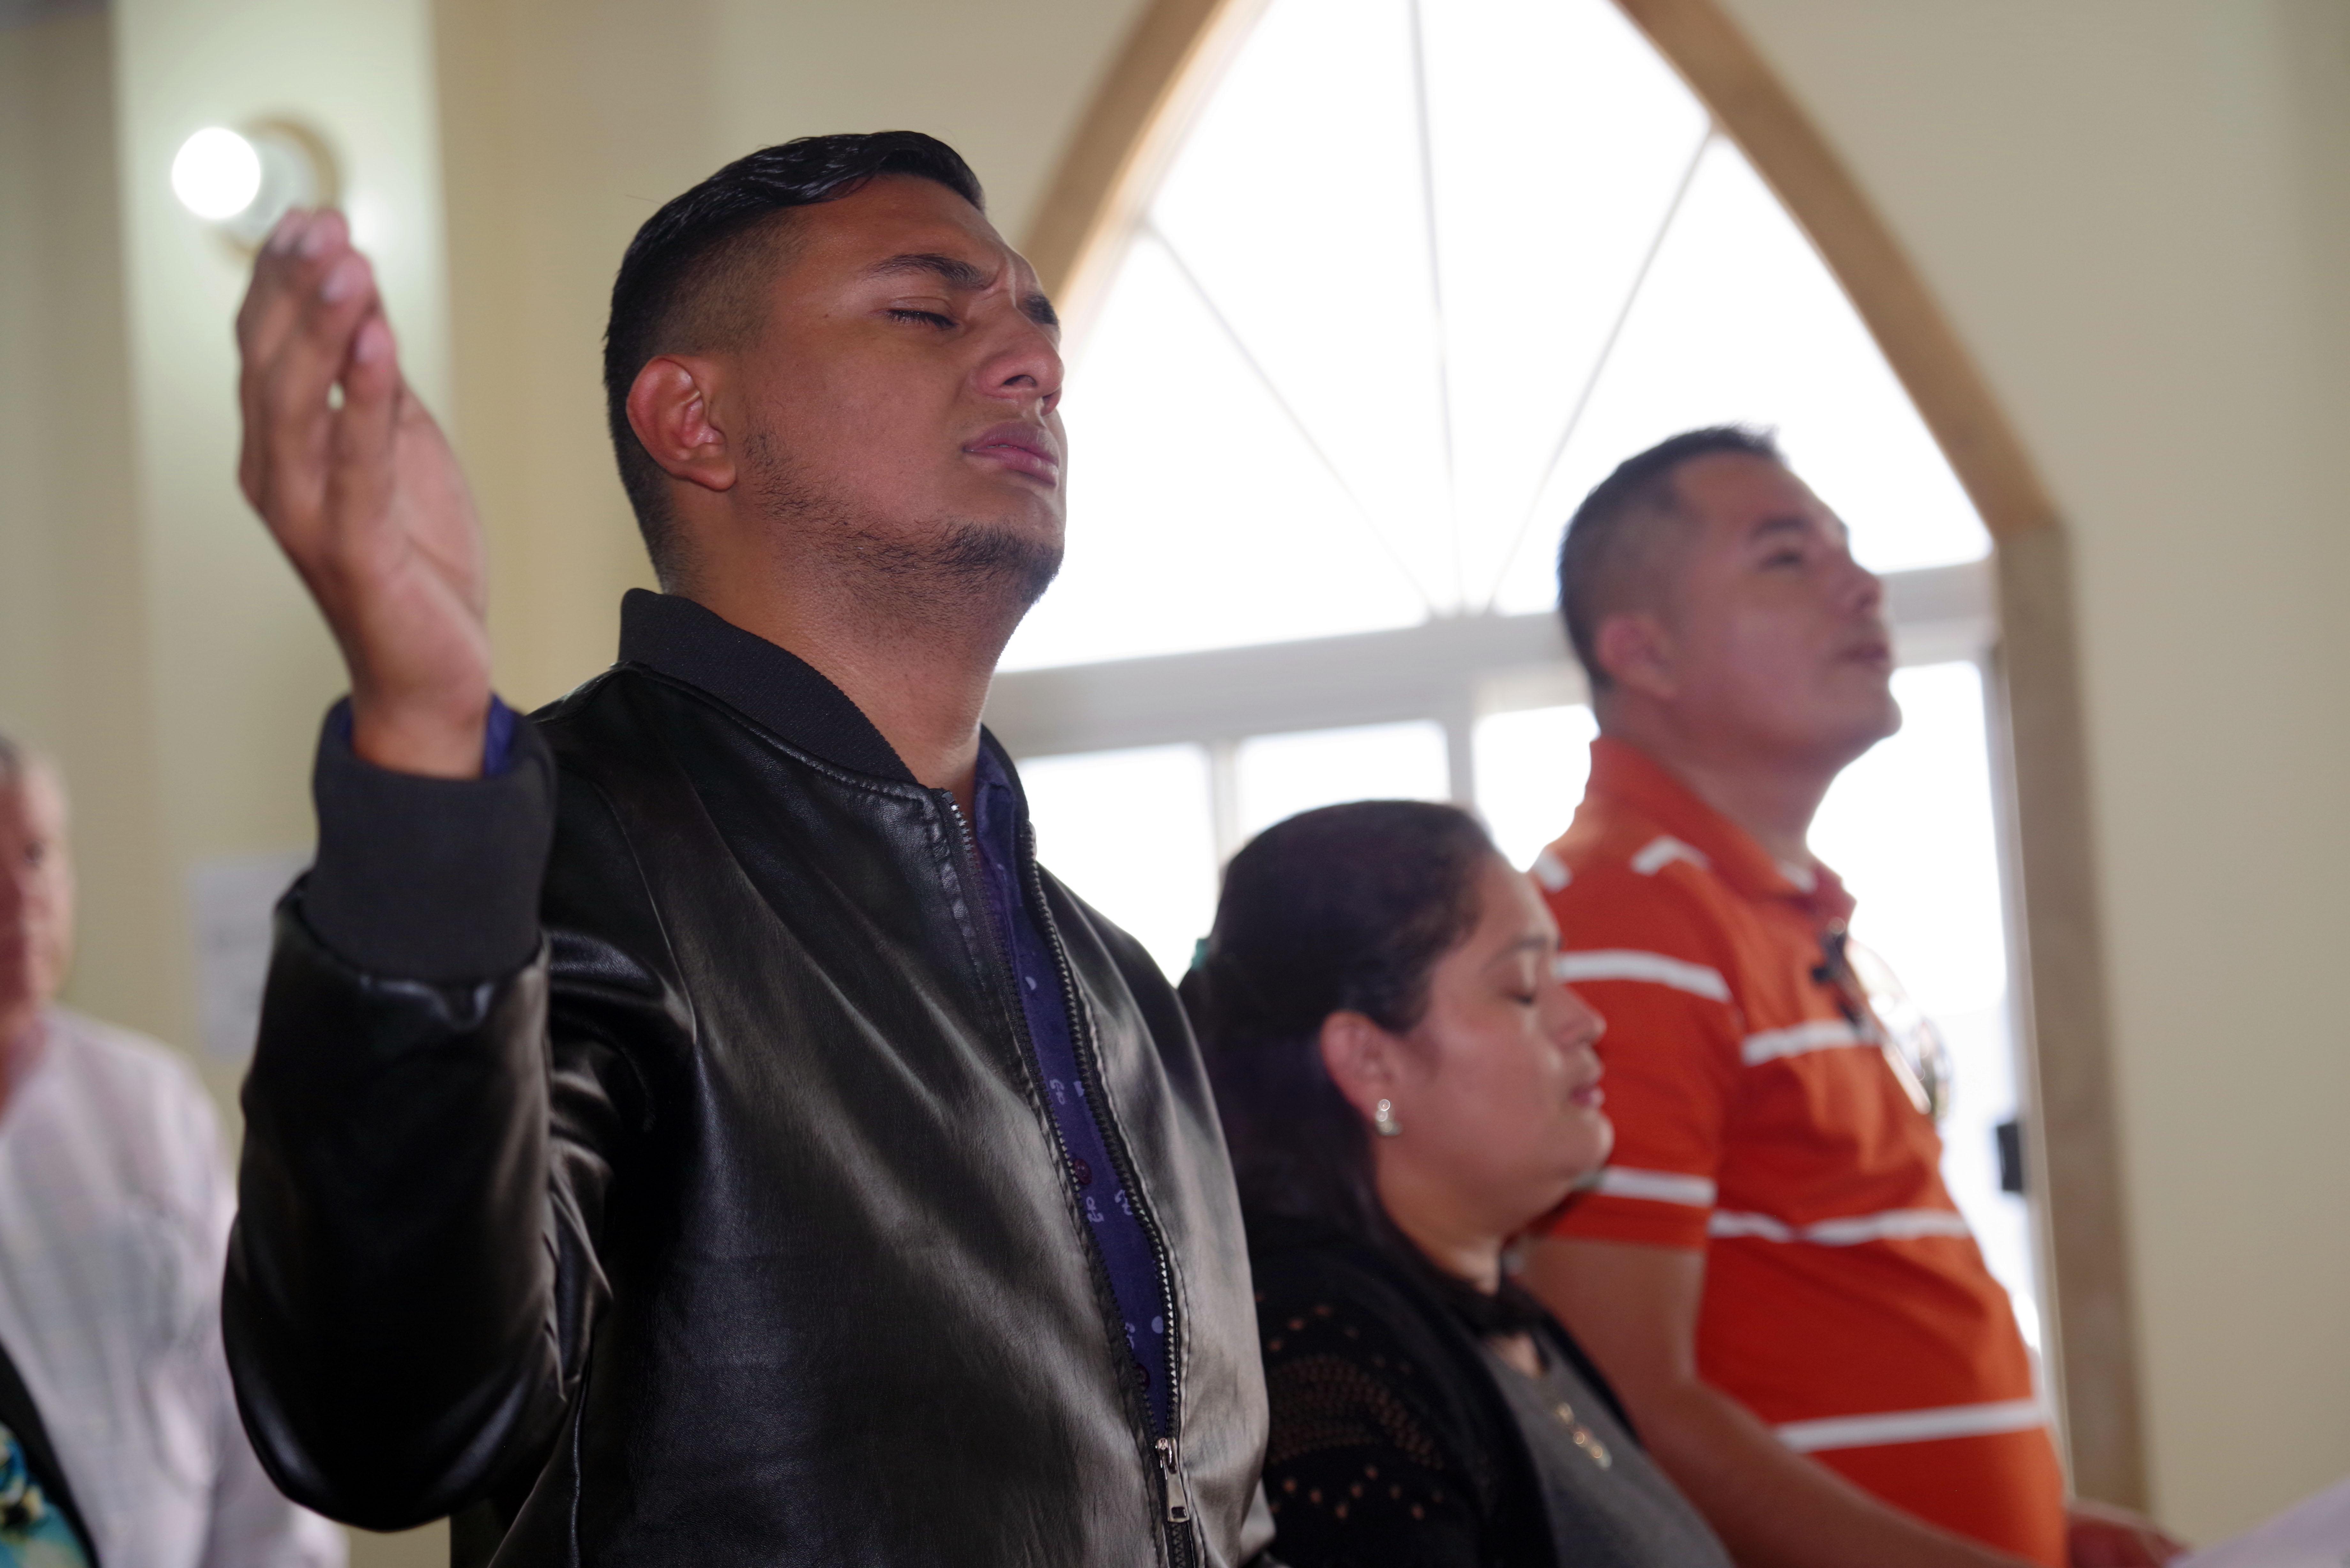 Lideres clericales y laicos/as de la misión, renovaron su compromiso de servicio a la iglesia, durante el momento de los nombramientos y asignaciones pastorales en el culto de clausura. Foto Rev. Gustavo Vasquez, Noticias MU.